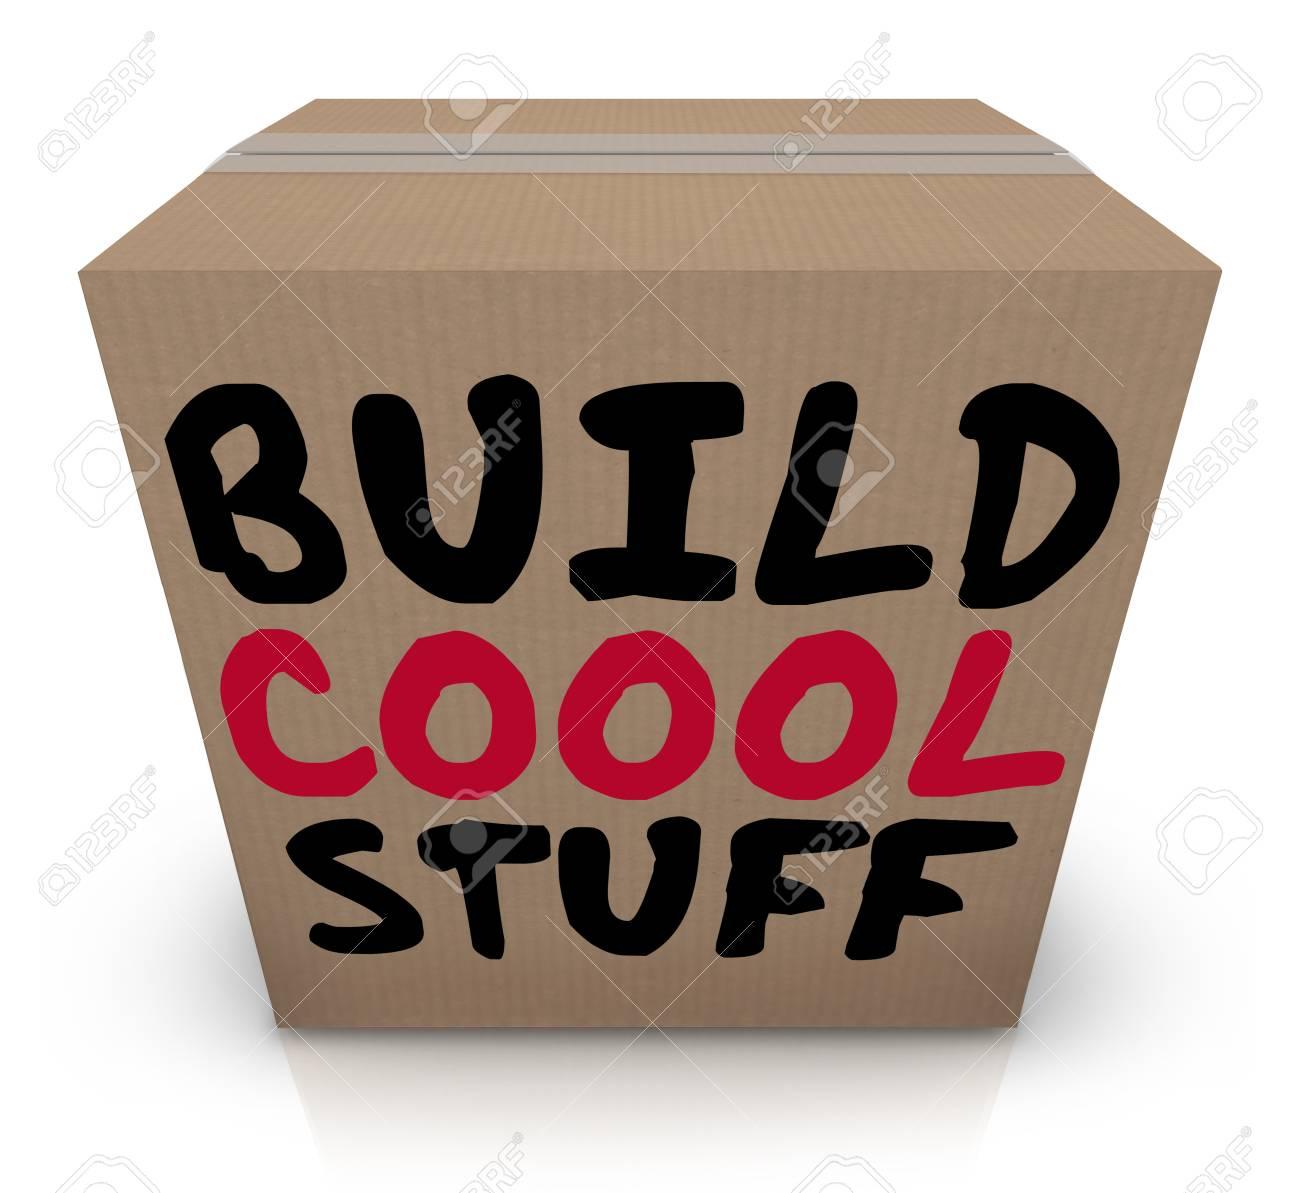 Build Cool Stuff Box Project Tools Materials Make Invent 3d